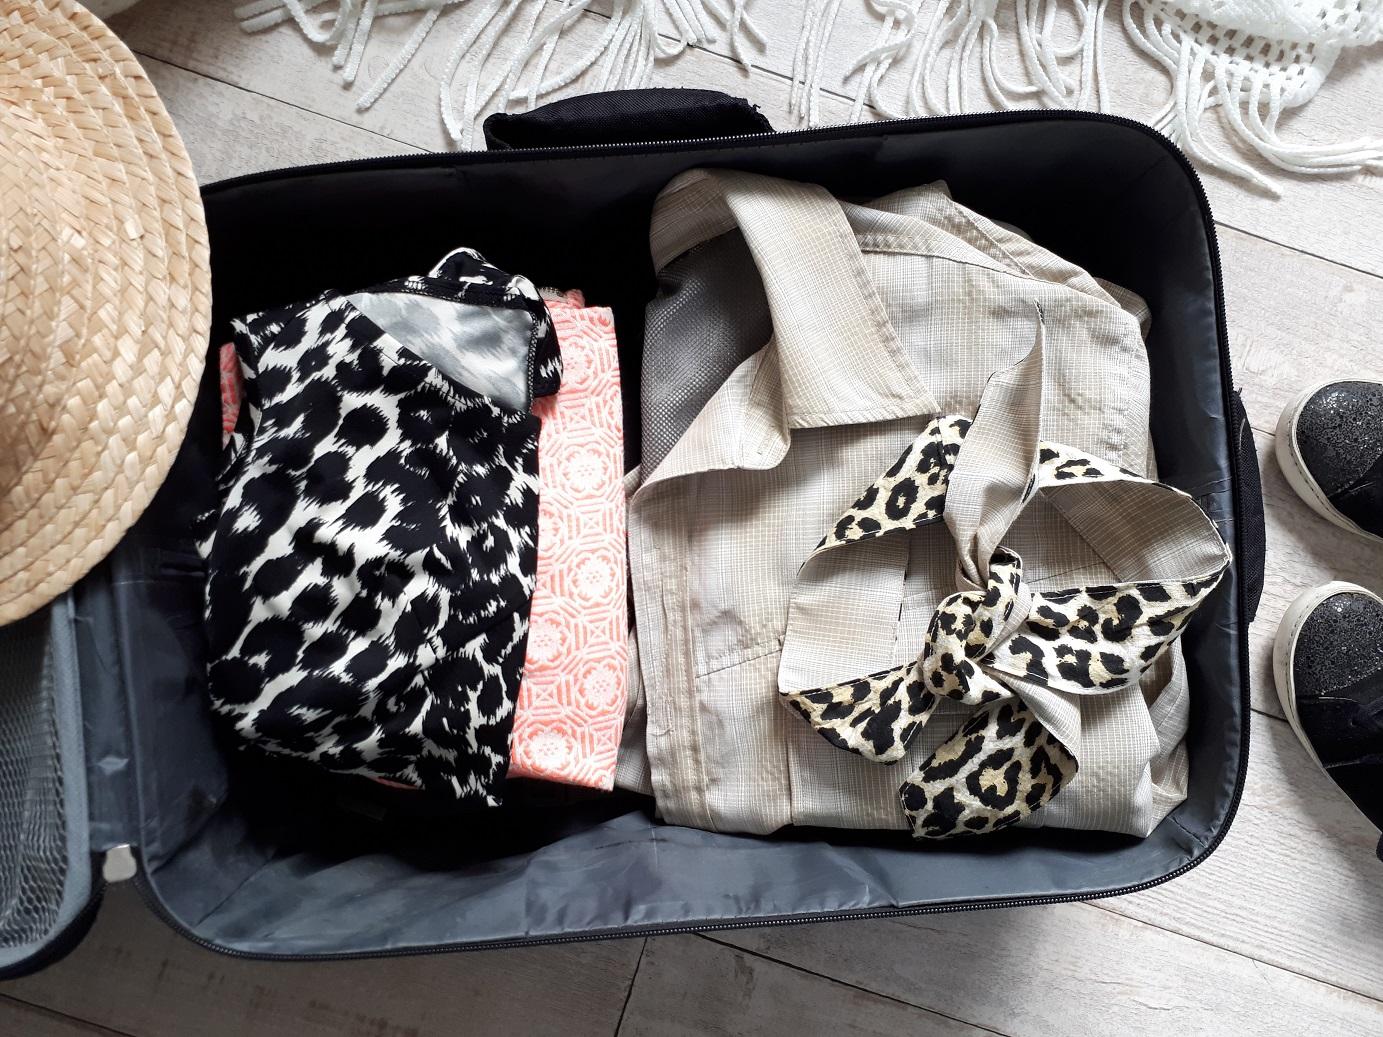 Par peur de manque, on charge souvent bien trop sa valise. Pour vous aider, je vous livre mes astuces pour une valise minimaliste avec laquelle vous ne manquerez de rien.